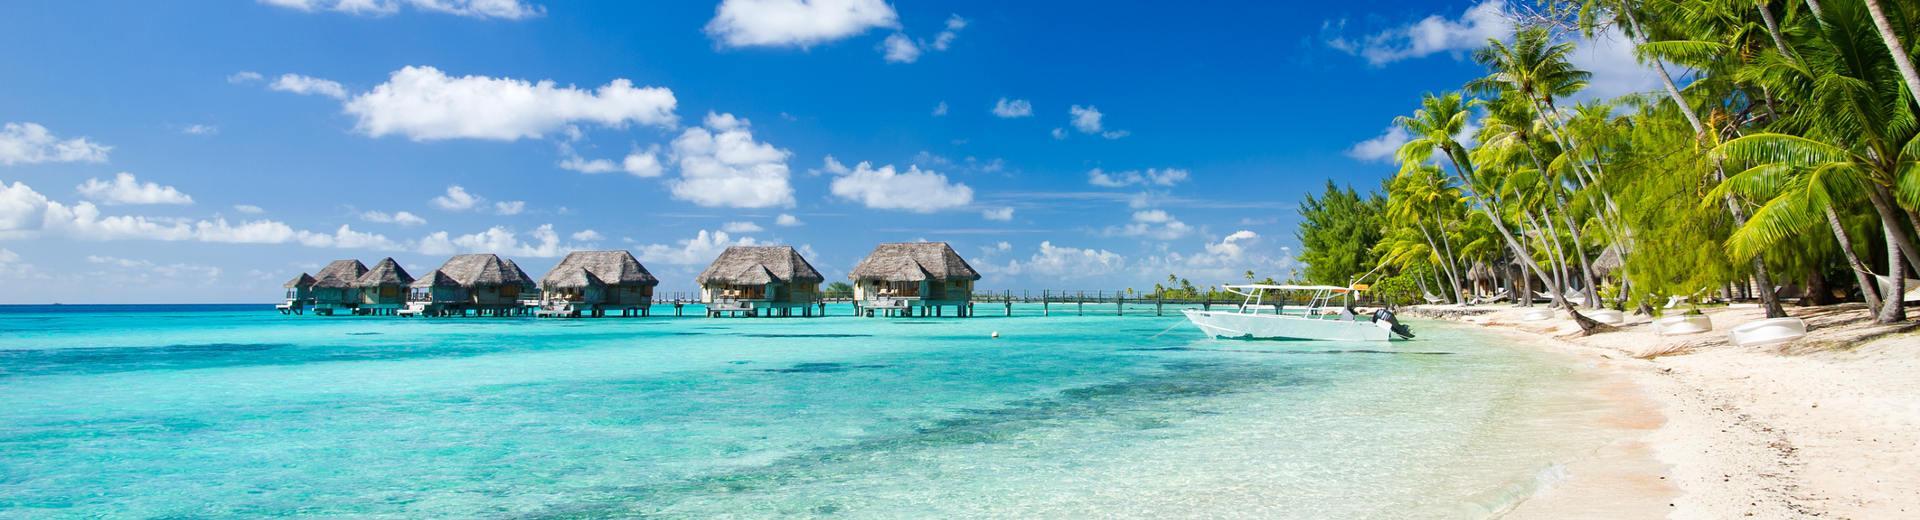 Tahiti Overwater Bungalow